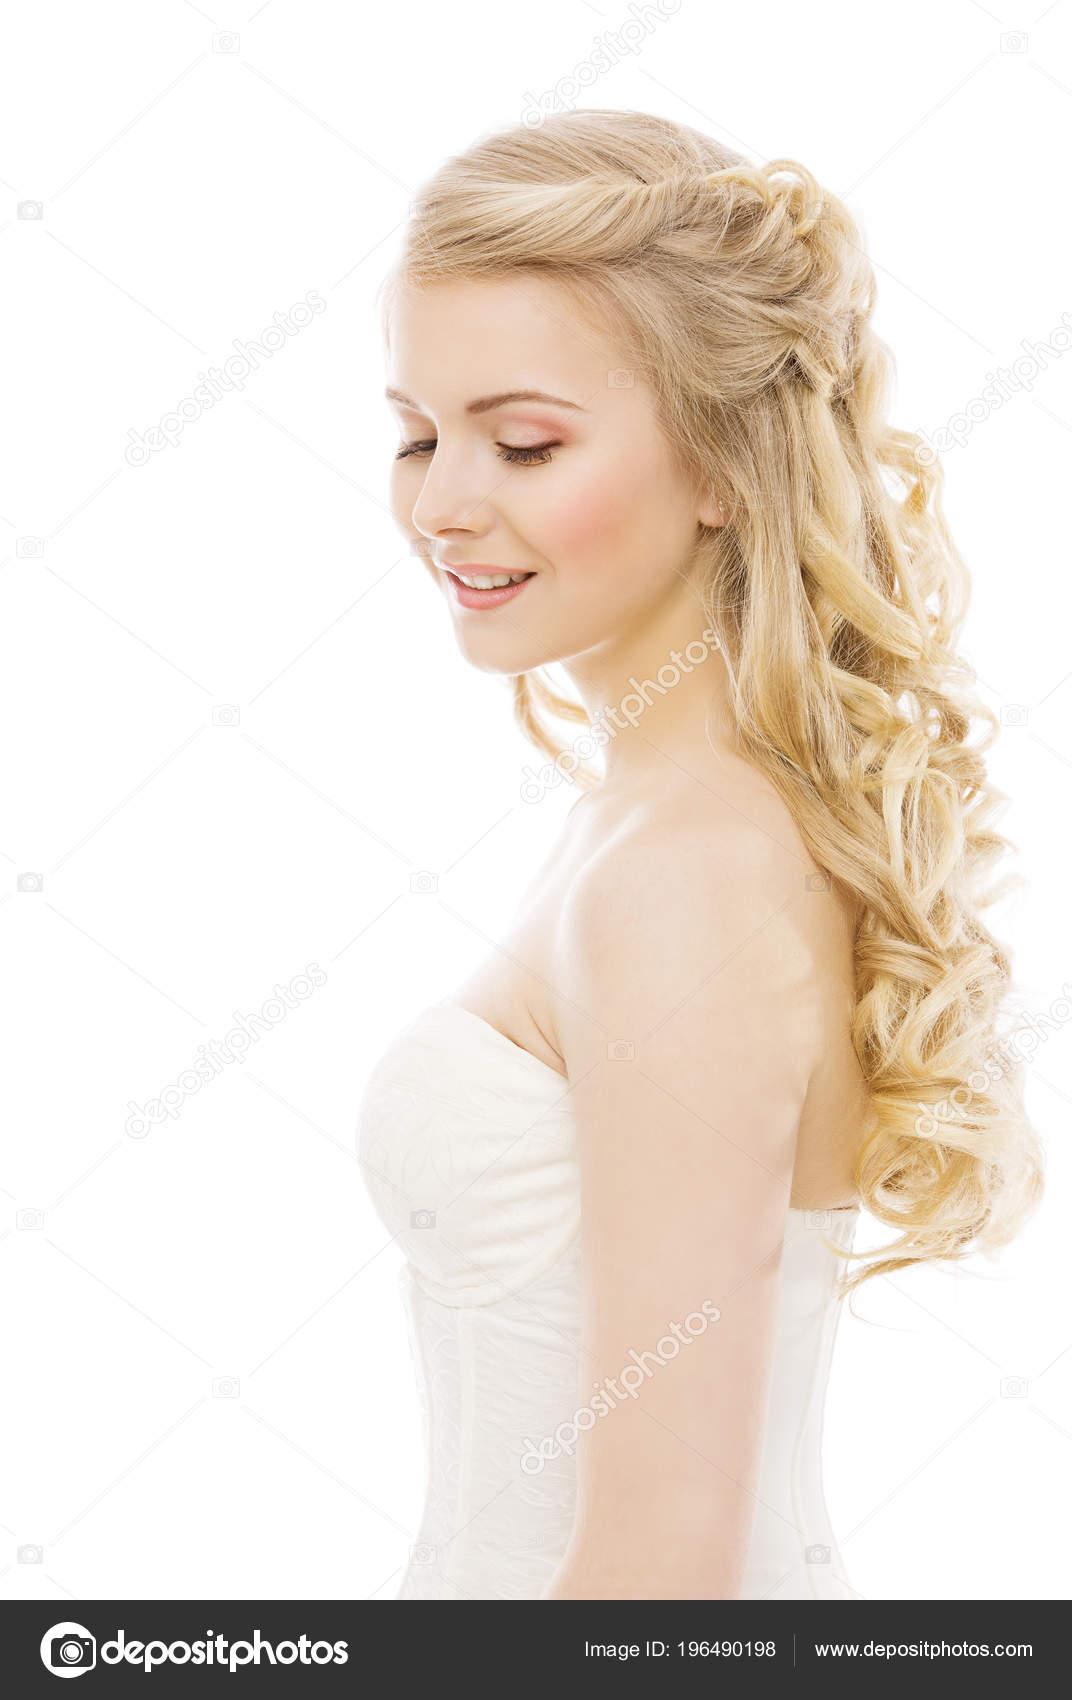 Woman Włosy Twarz Uroda Moda Model Długie Blond Fryzury